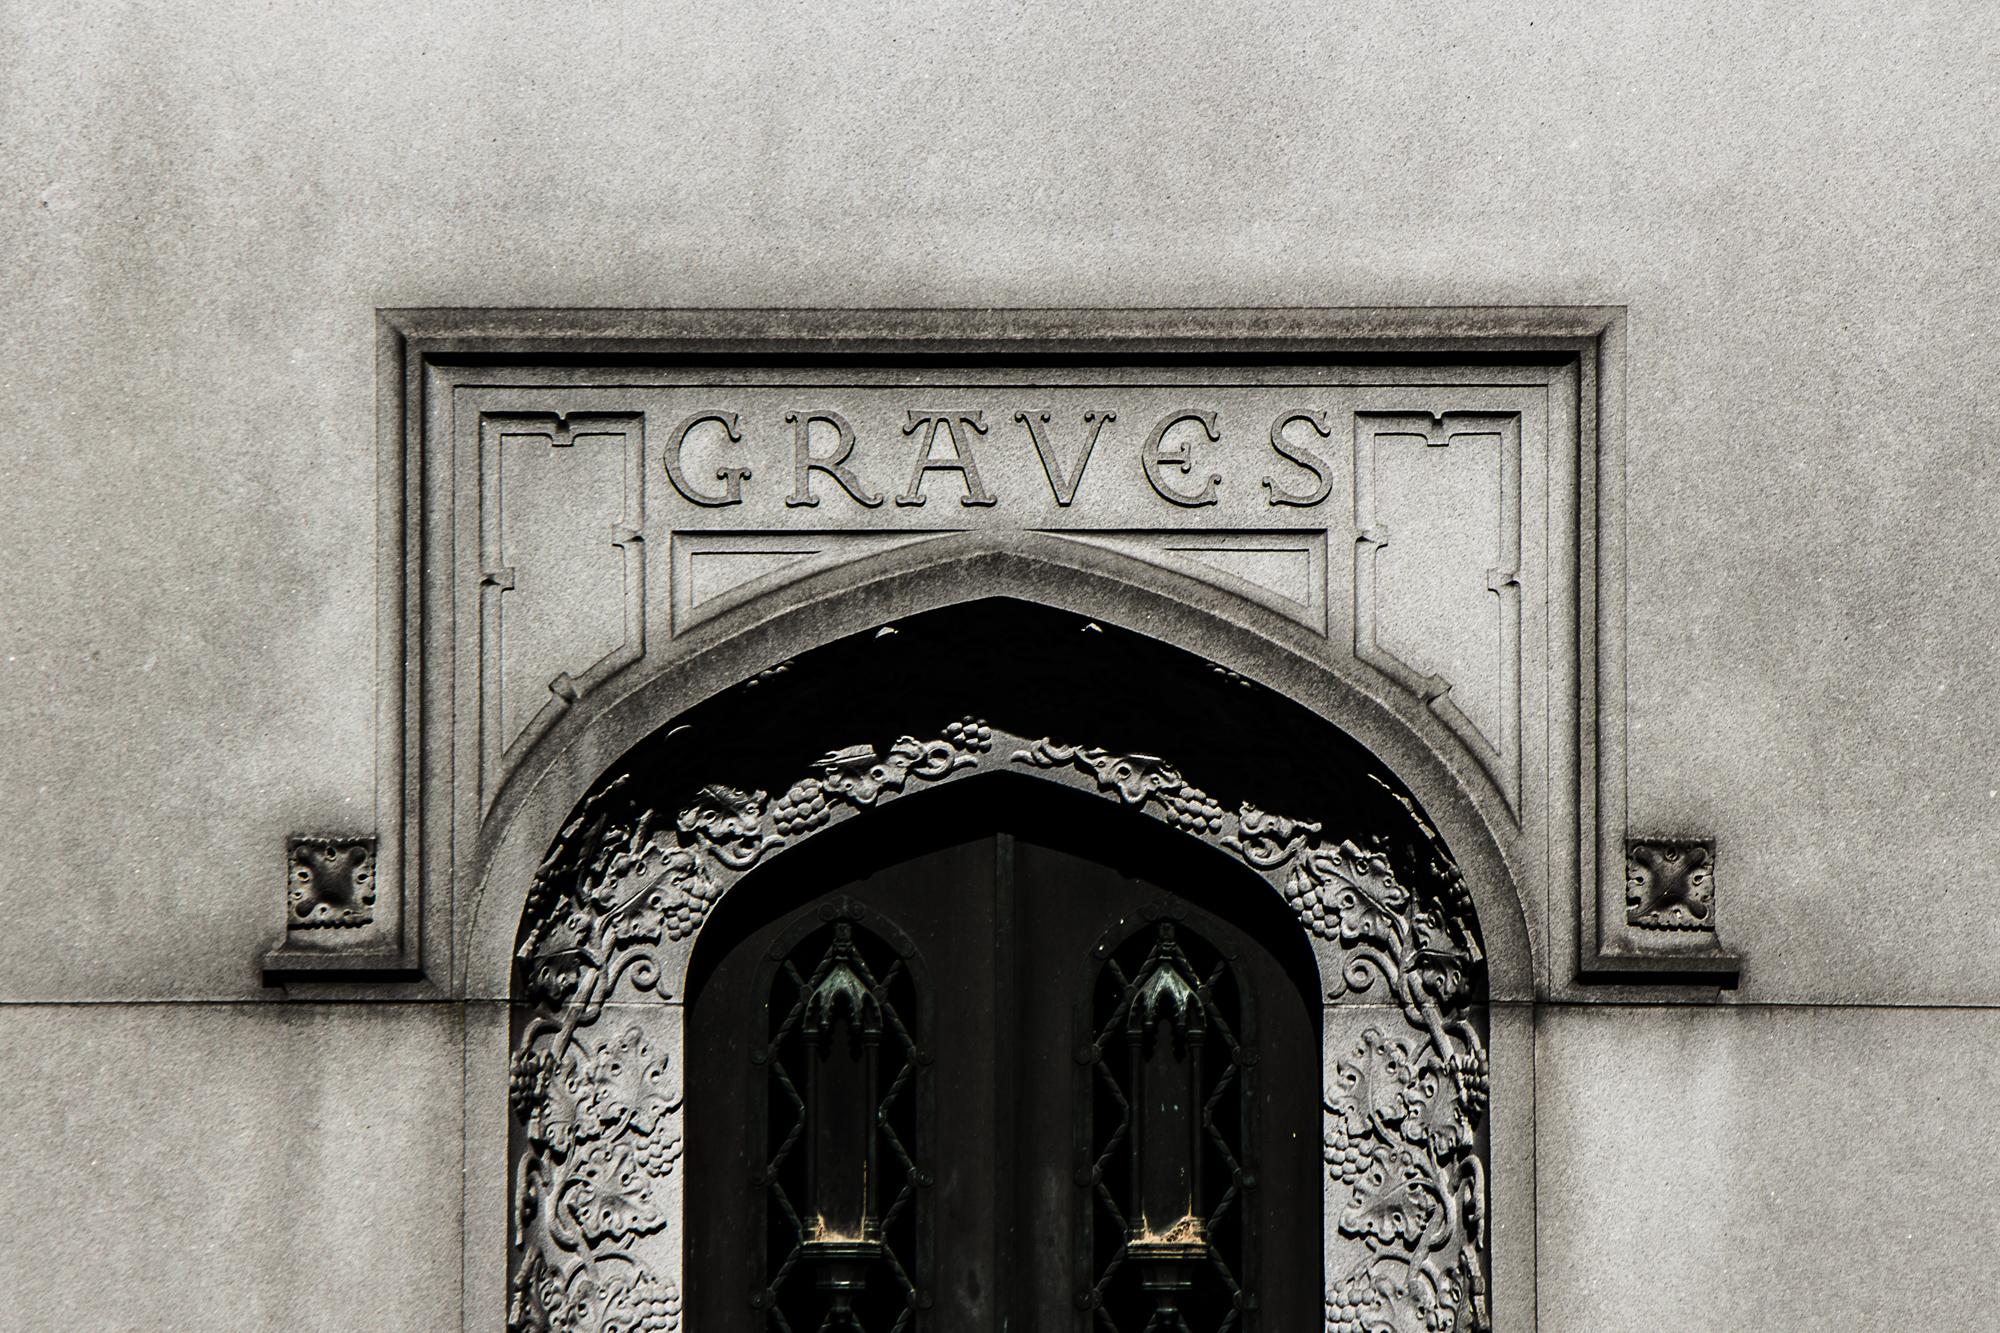 graves-1.jpg